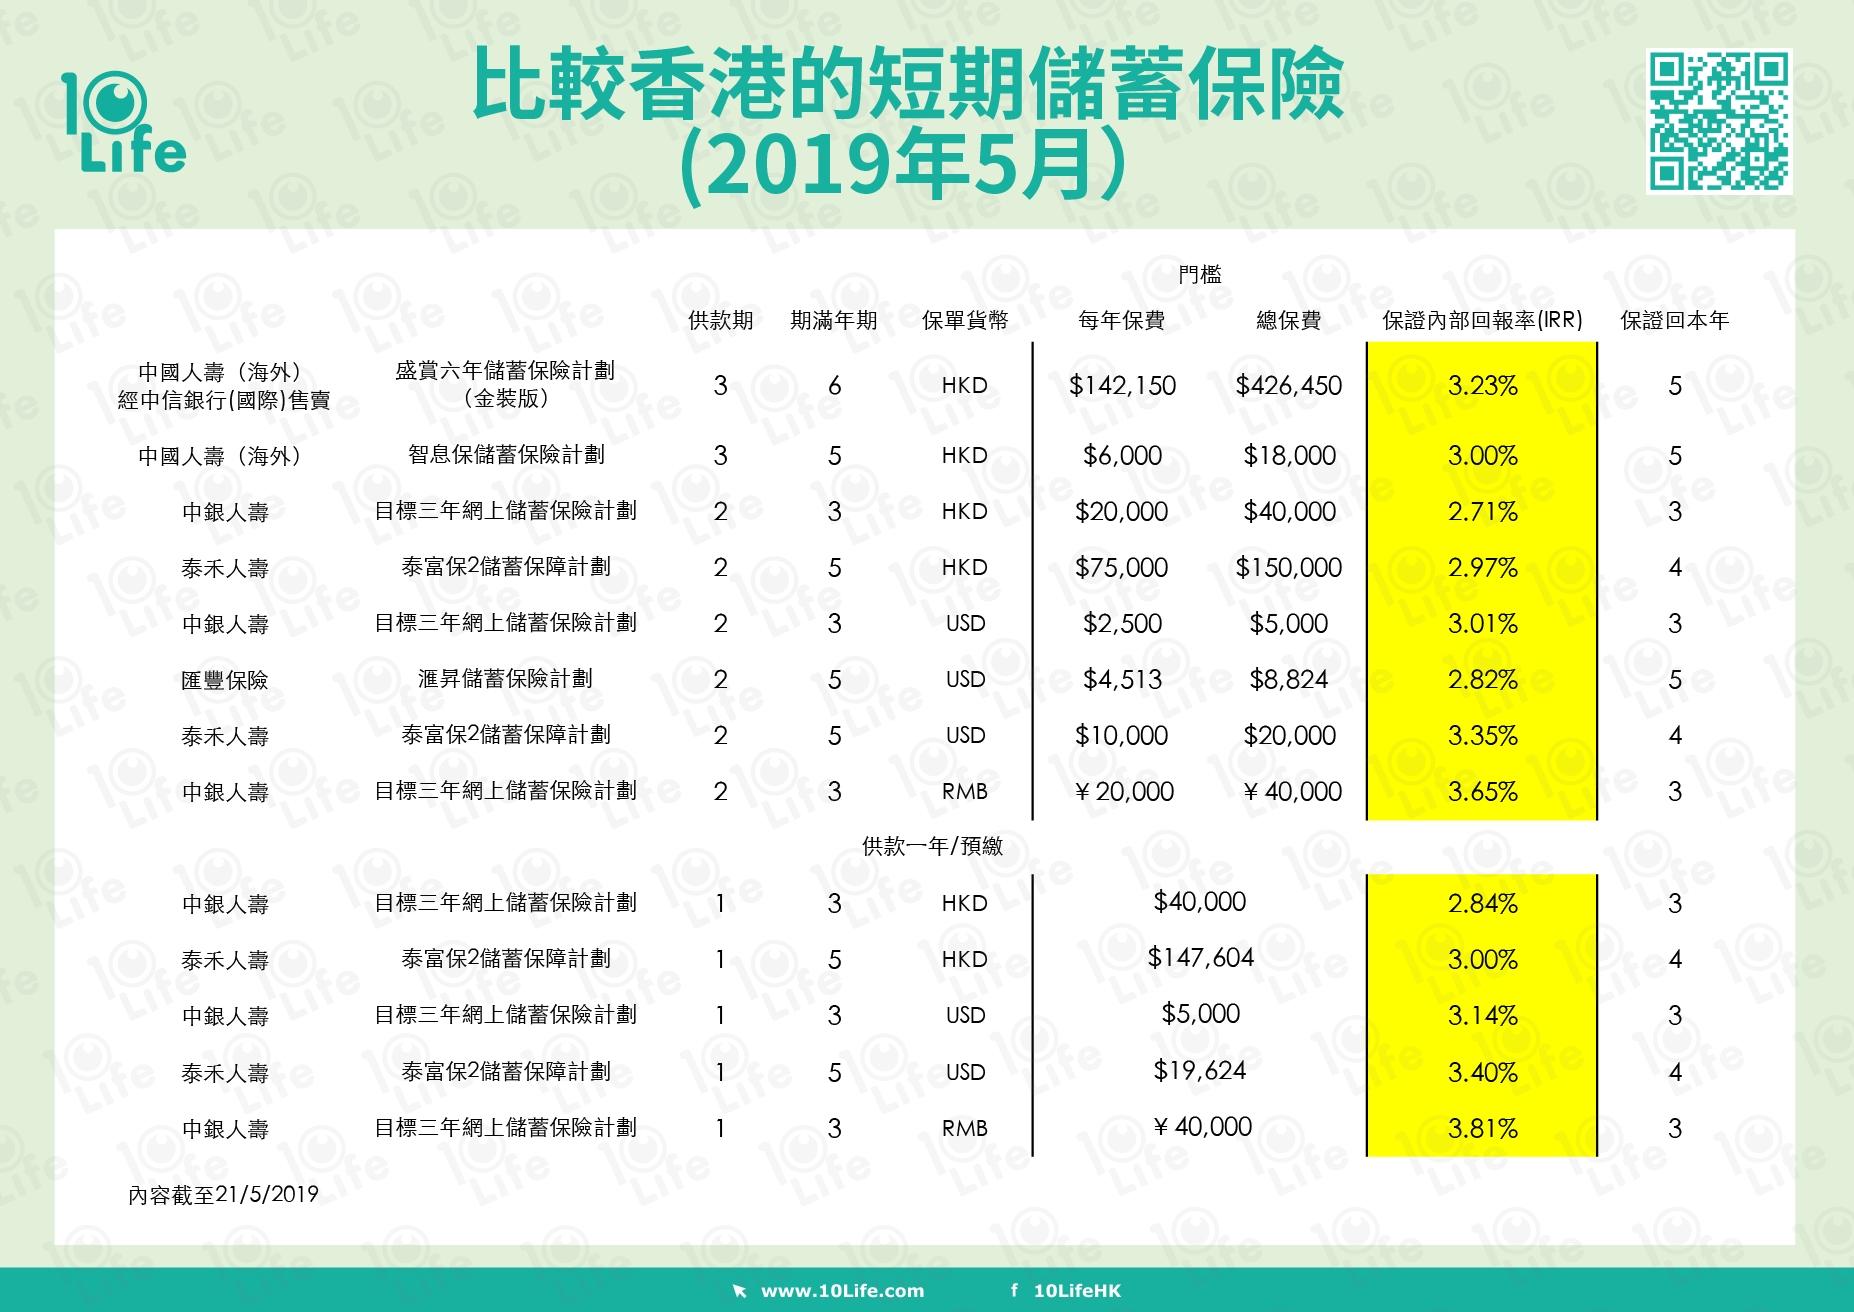 市場上的短期儲蓄保險,期滿年期大概3-6年,不同產品的保證內部回報率各有不同。